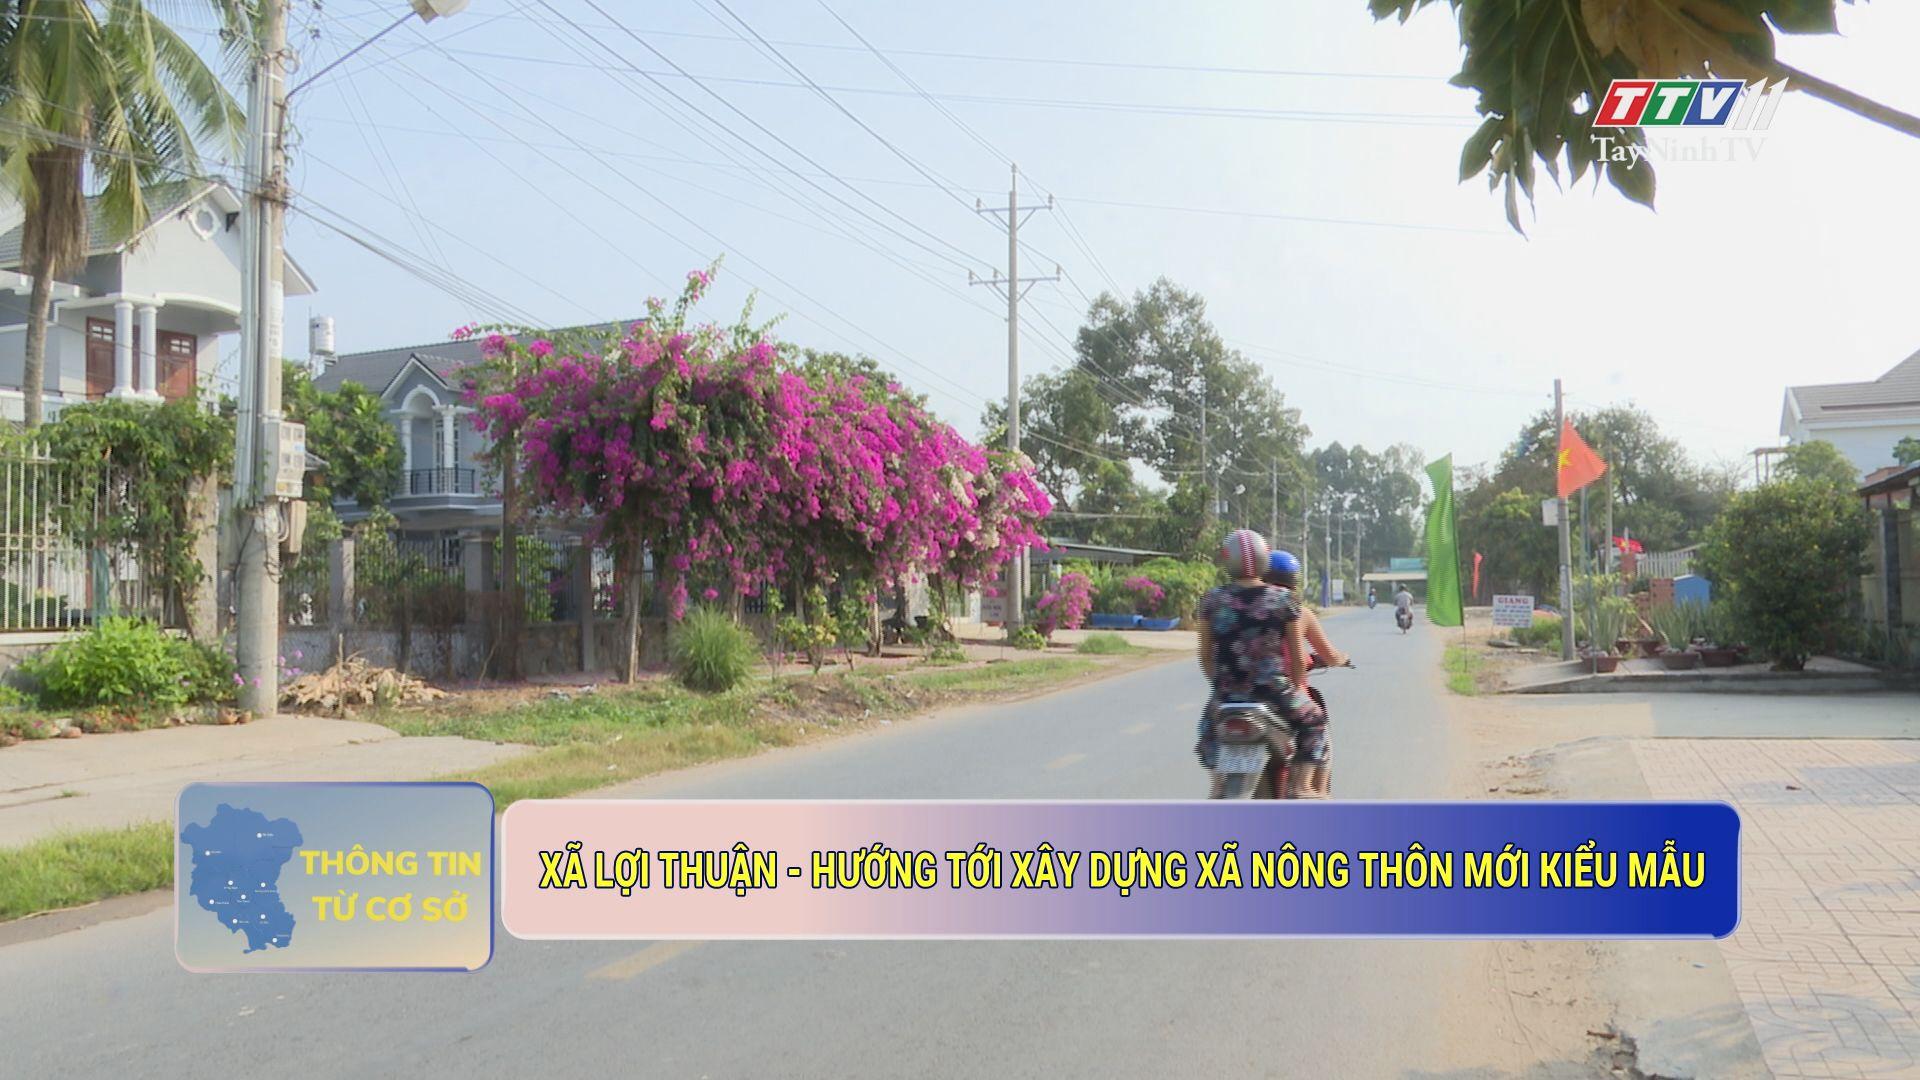 Xã Lợi Thuận-Hướng tới xây dựng xã nông thôn mới kiểu mẫu | THÔNG TIN TỪ CƠ SỞ | TayNinhTV